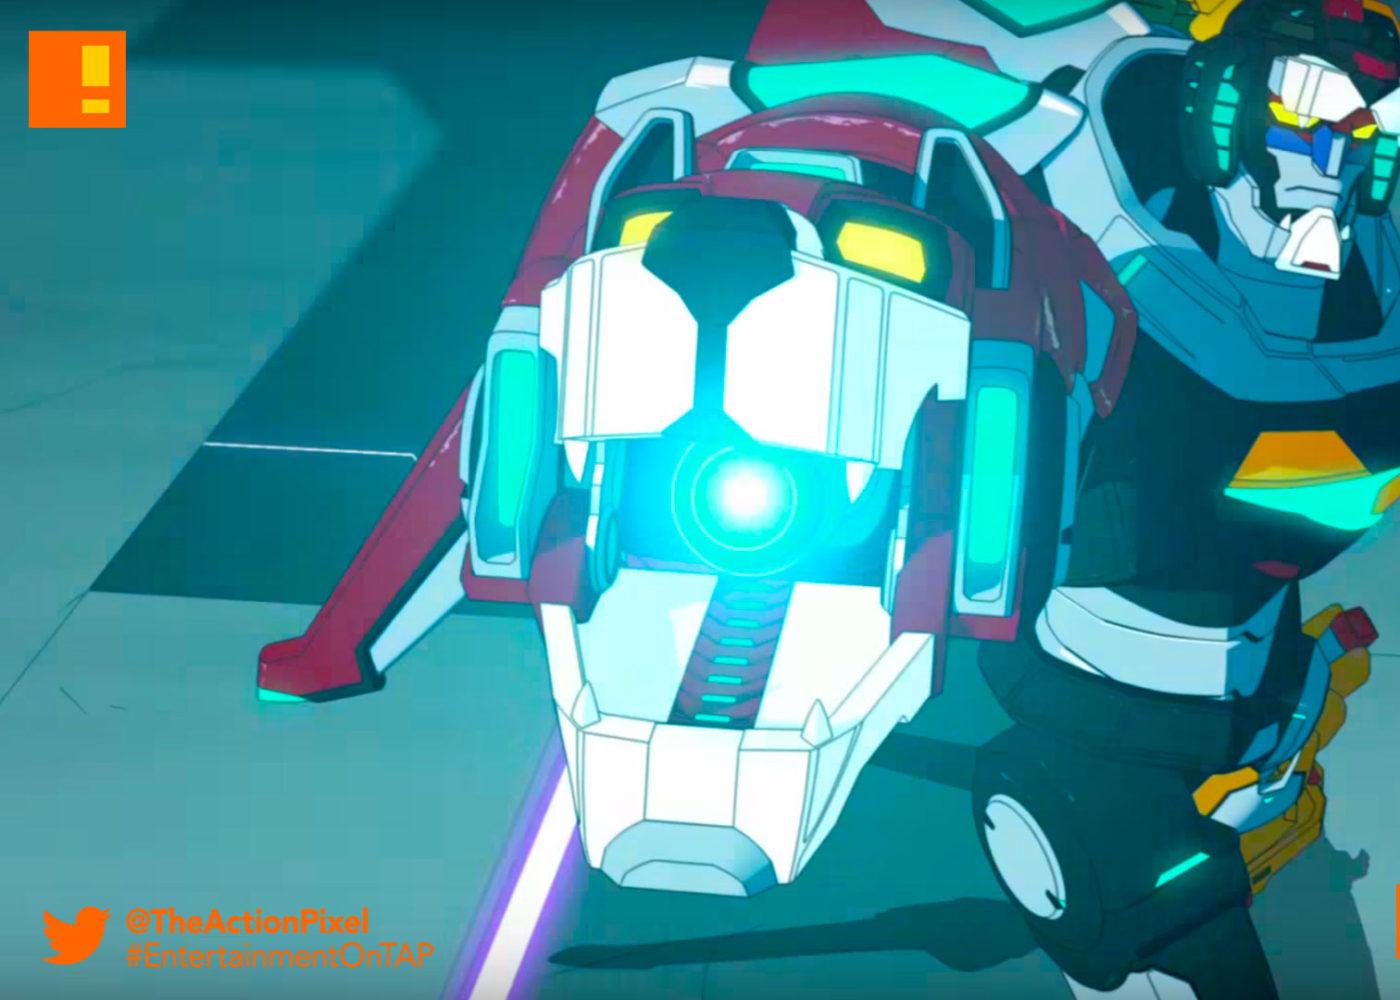 voltron: legendary defender, voltron, season 4, netflix, the action pixel, dreamworks, entertainment on tap